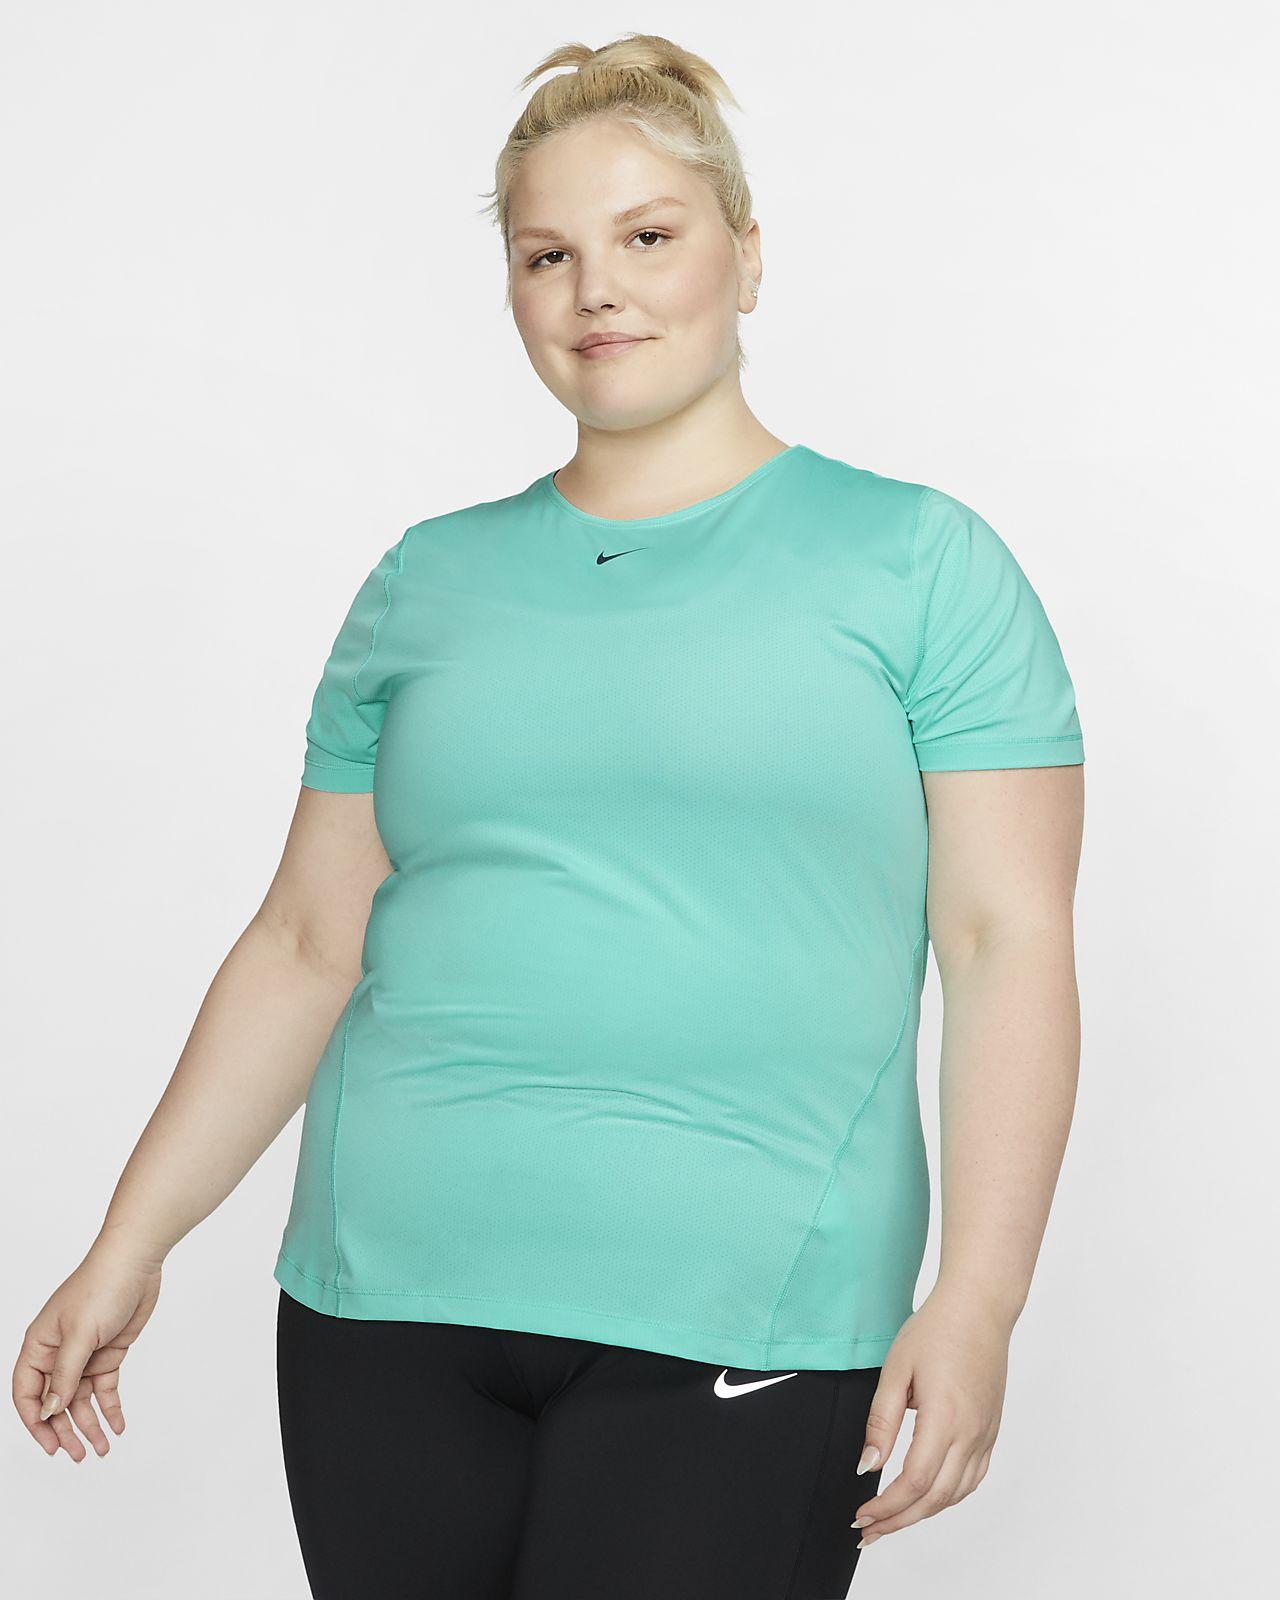 Damska siateczkowa koszulka Nike Pro (duże rozmiary)